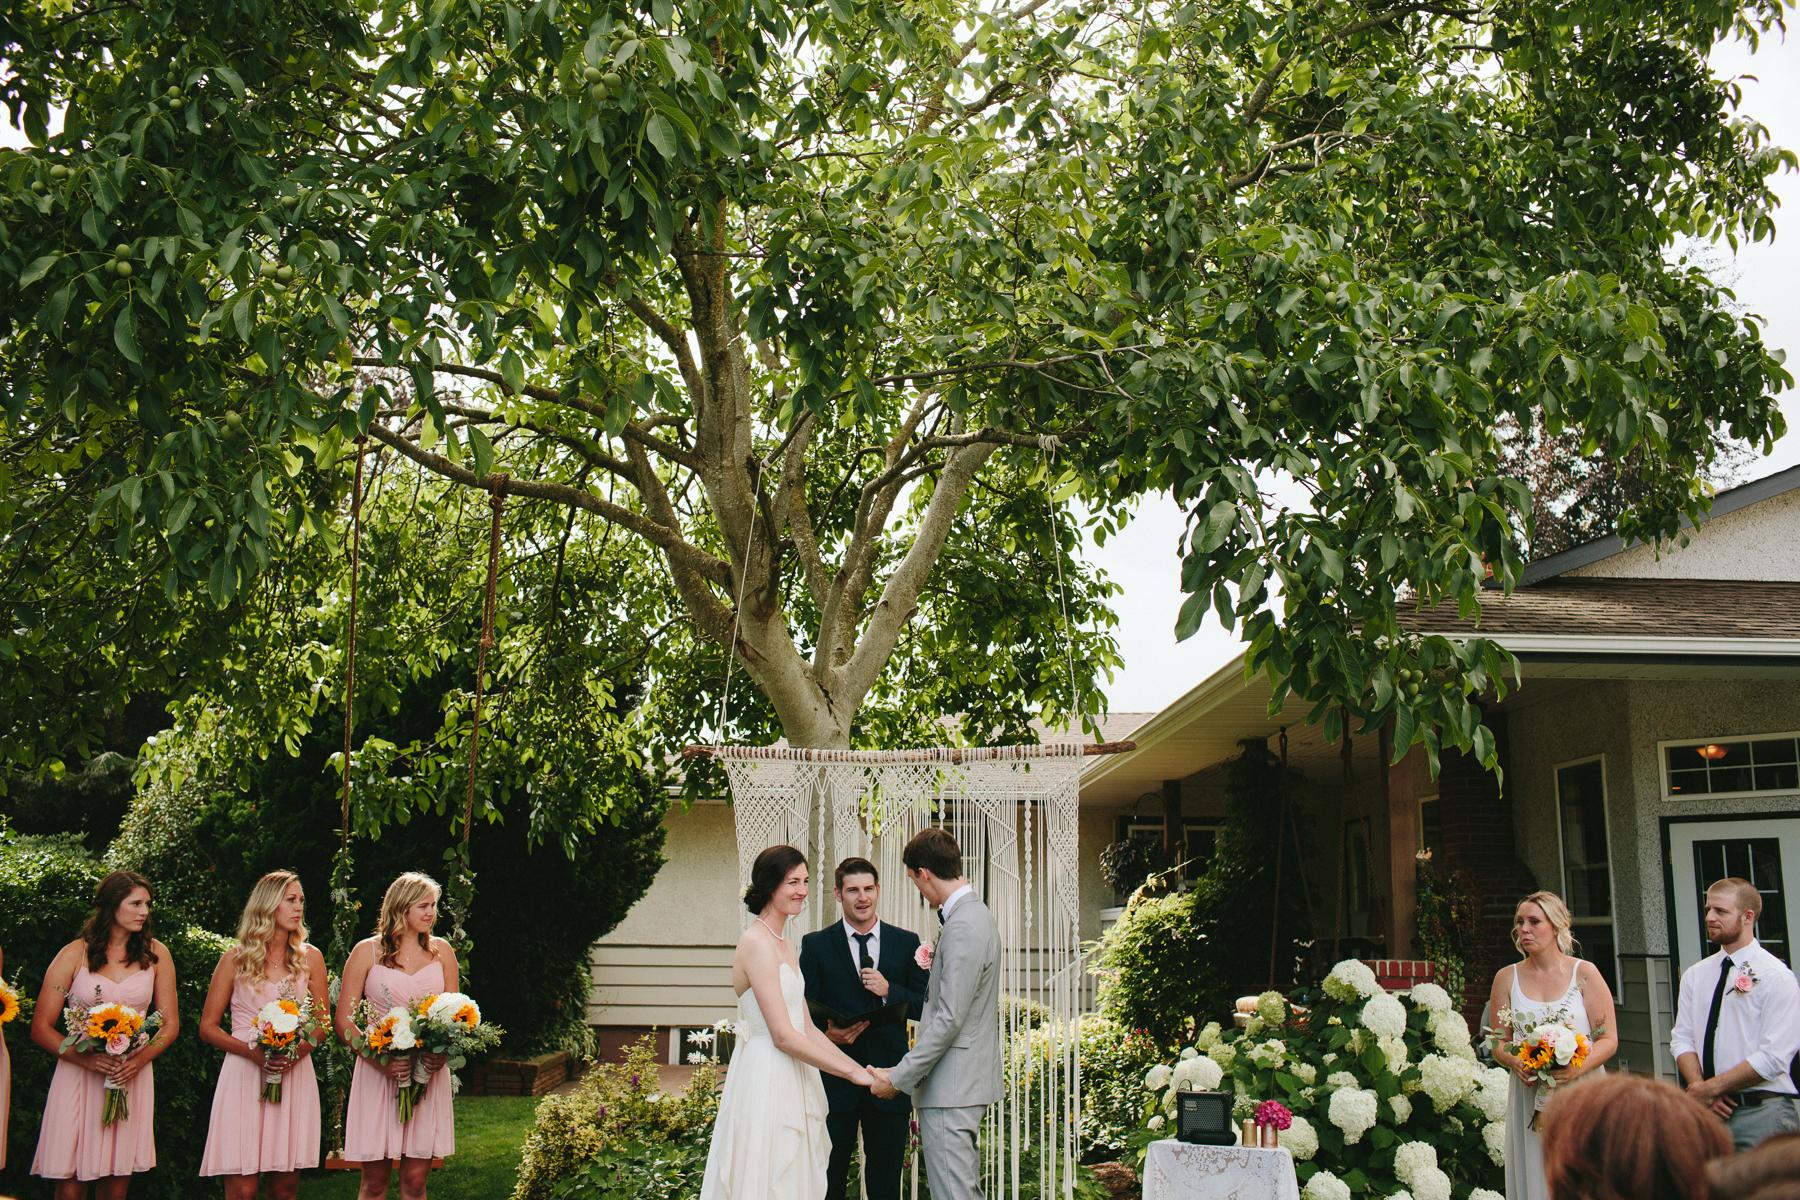 Vancouver-Rustic-Farm-Wedding-KB-113.jpg